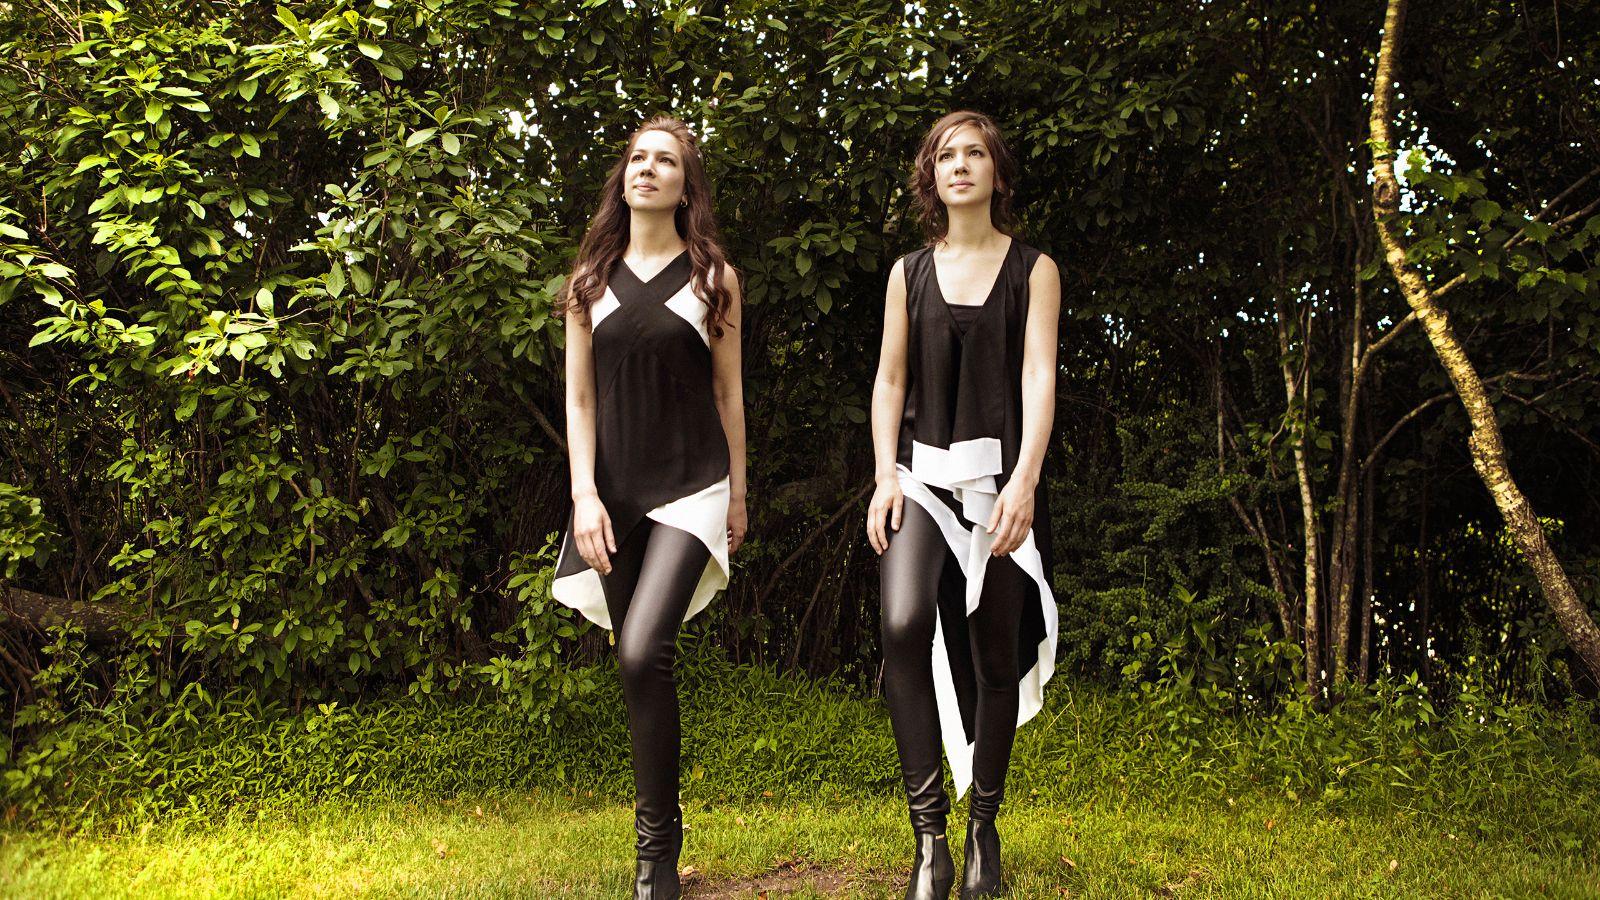 Naughton Sisters Grass Fma